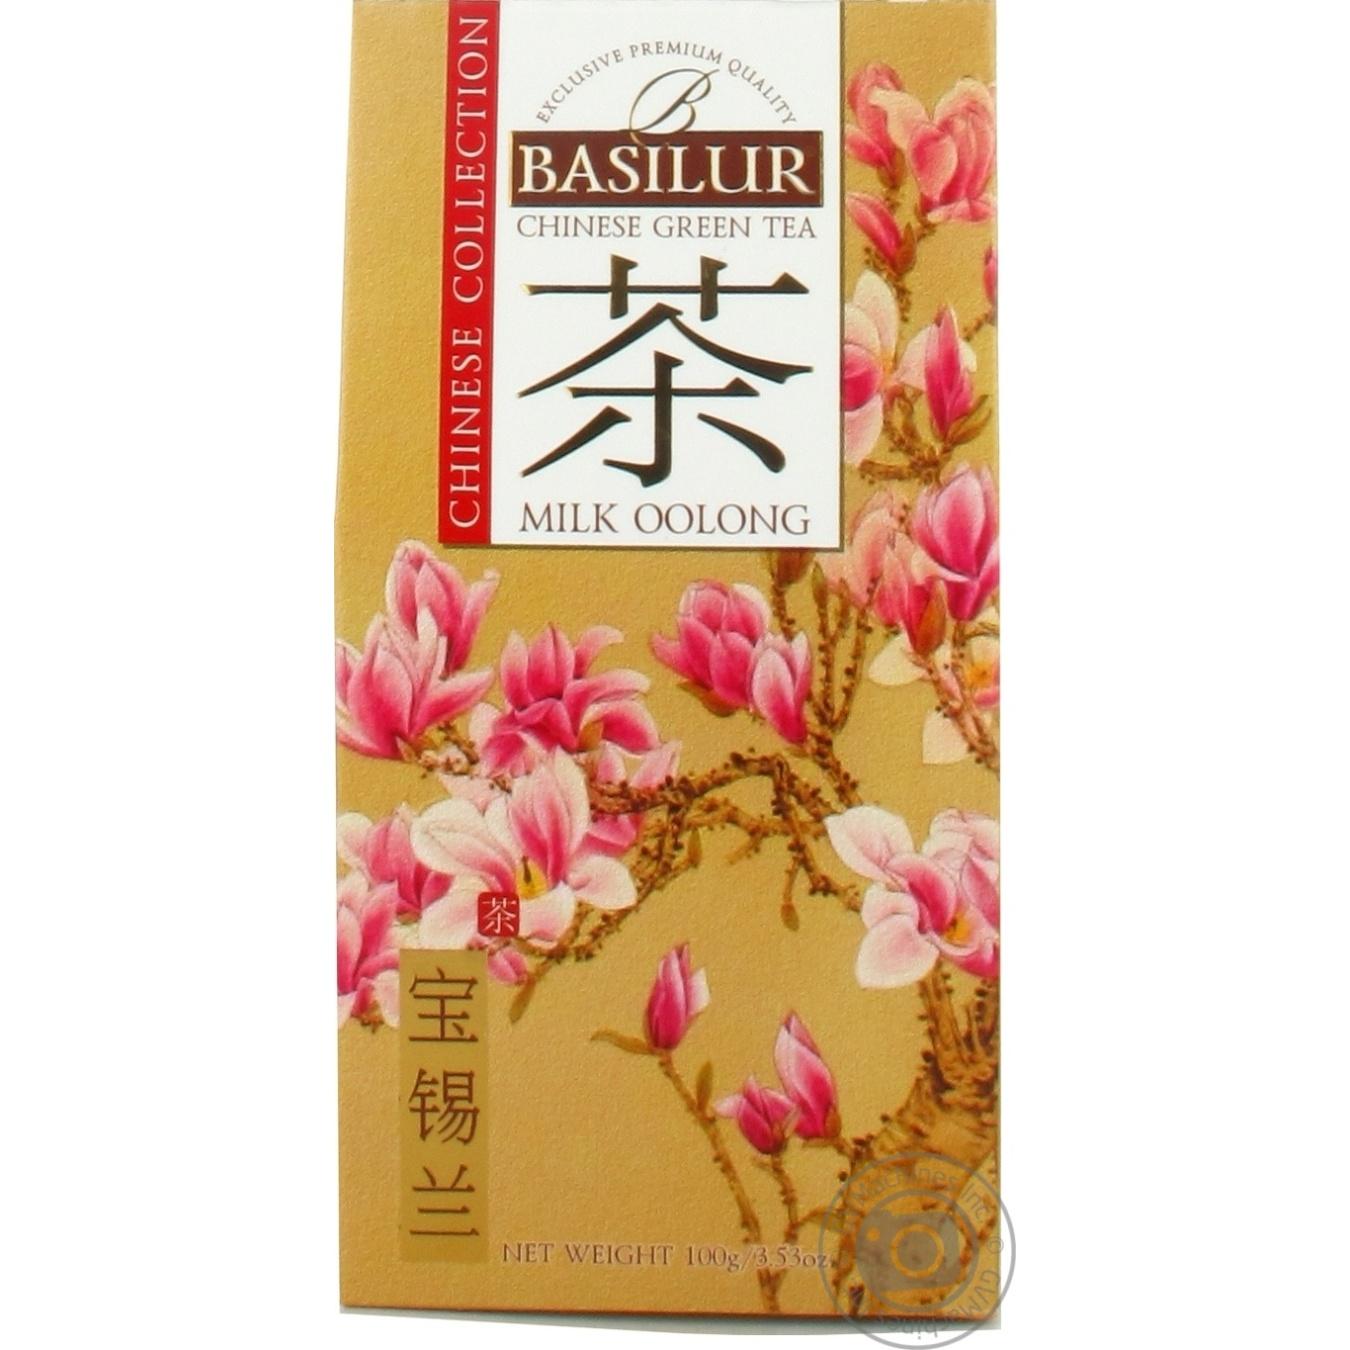 Купить Чай Basilur зеленый китай milk oolong 100г